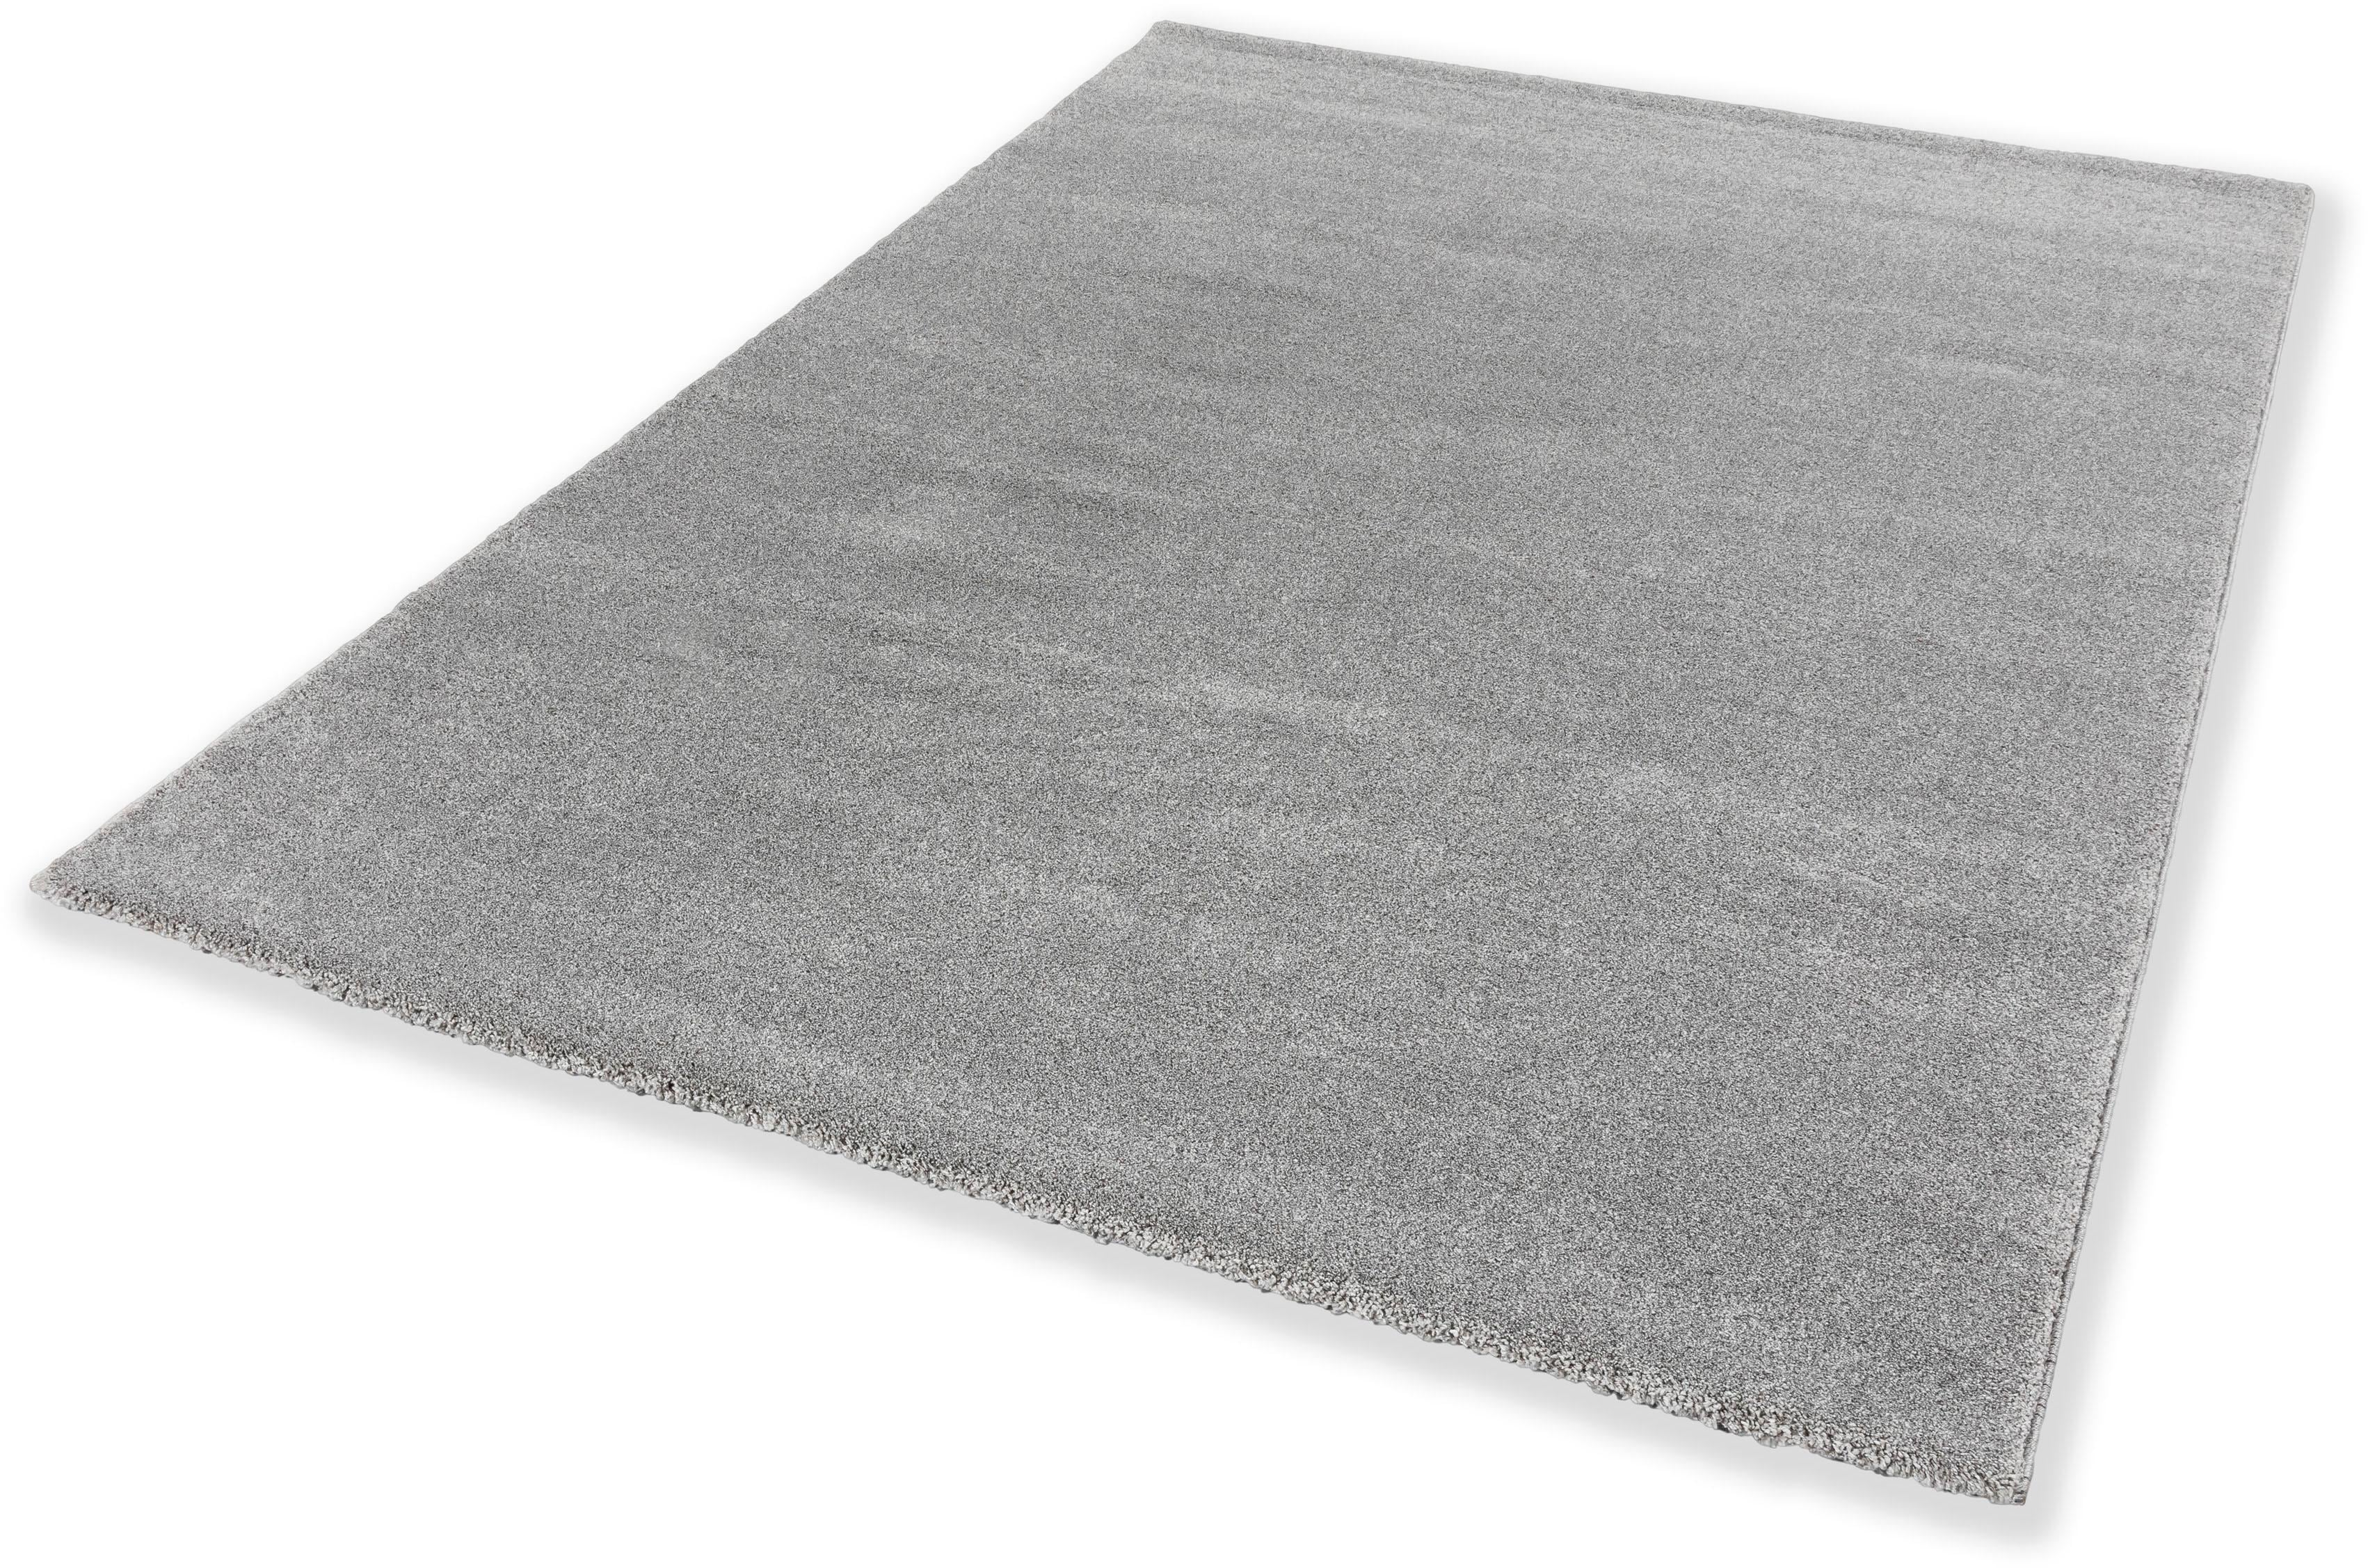 Teppich Pure 190 SCHÖNER WOHNEN-Kollektion rechteckig Höhe 21 mm maschinell gewebt